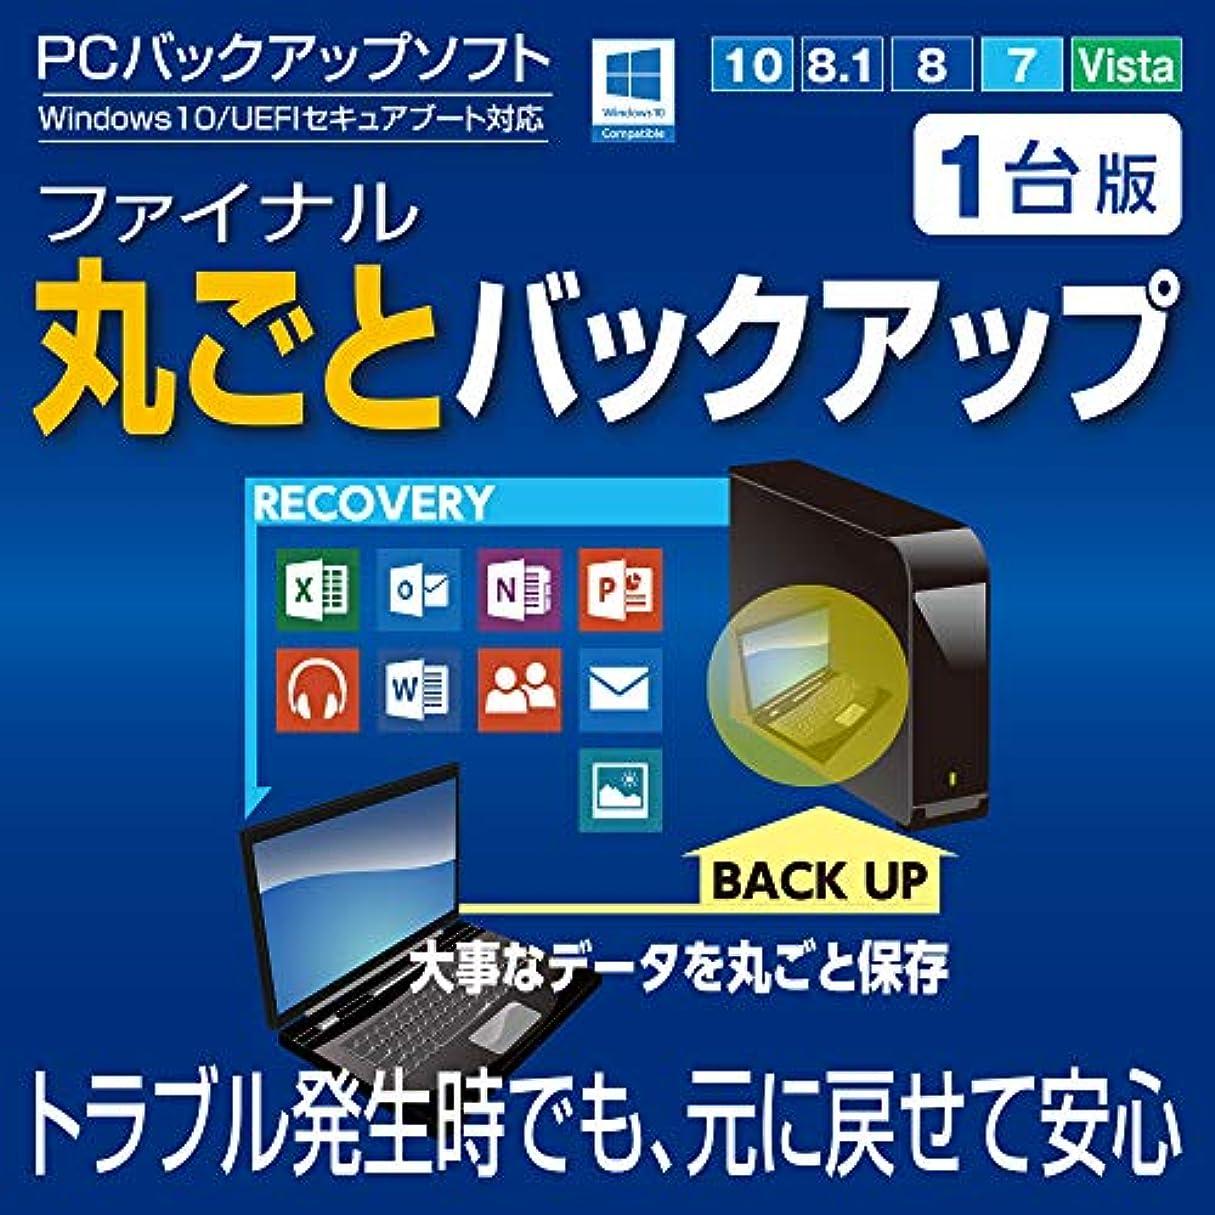 ファイナル丸ごとバックアップ1台版 【OSやアプリケーションを簡単操作でバックアップ。ファイル?フォルダ単位やWindowsが起動しない場合の復元に対応】|ダウンロード版